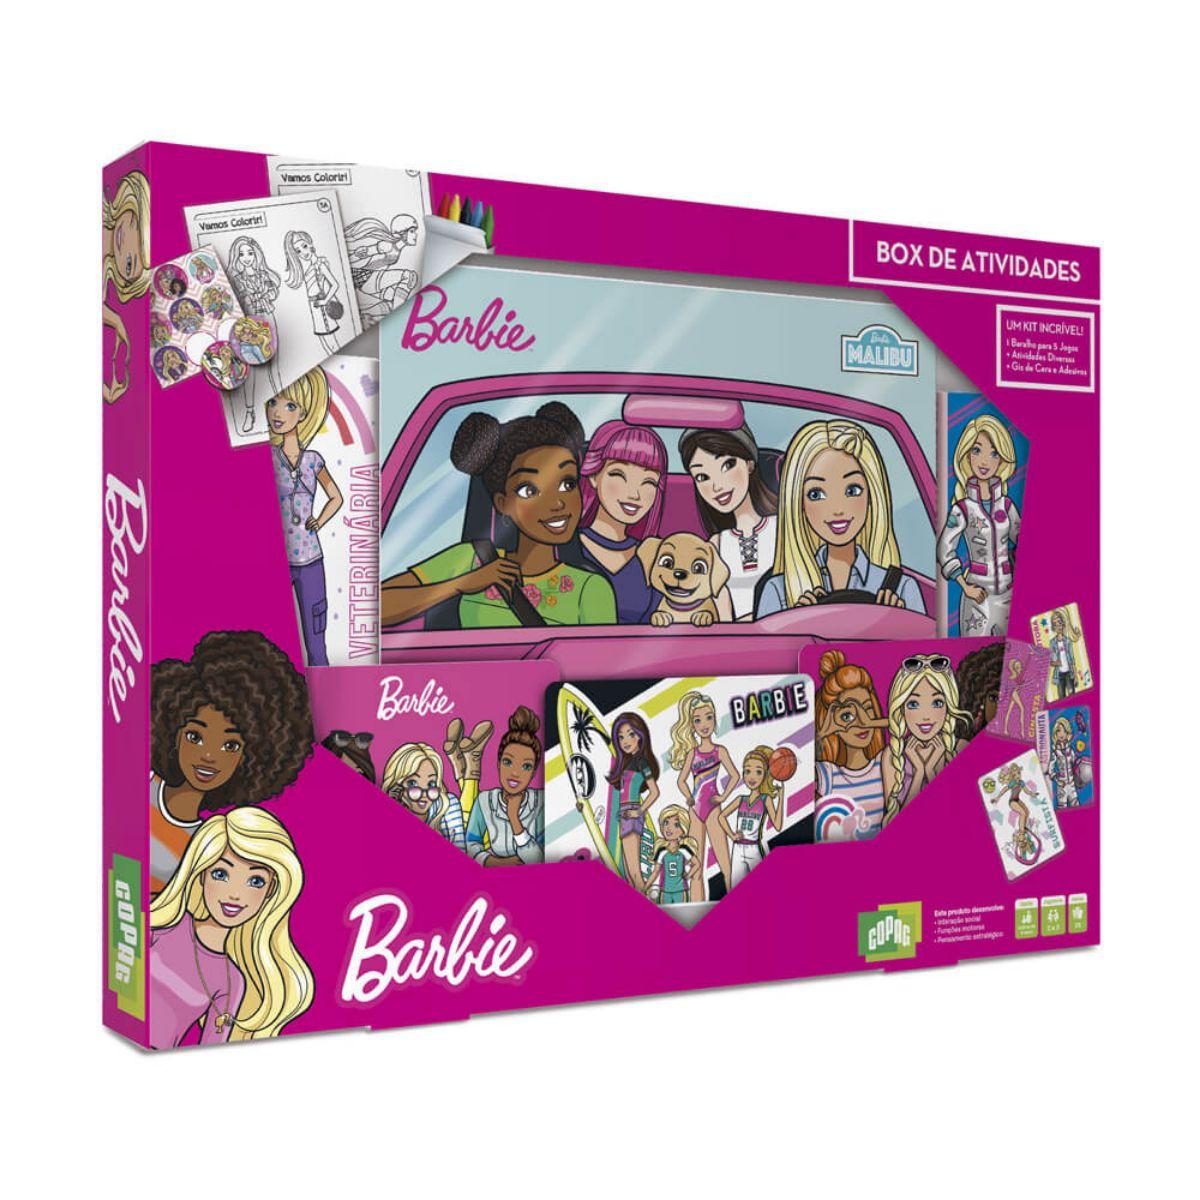 Jogo Box de Atividades da Barbie com diversos Acessórios